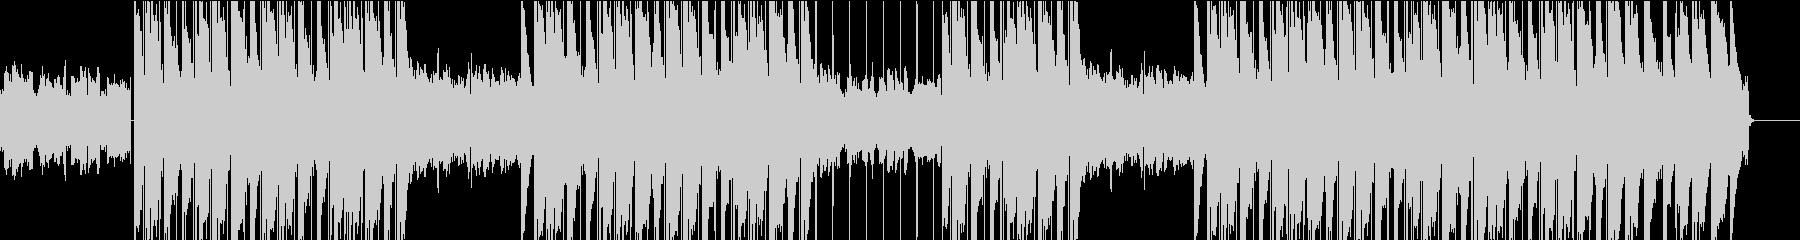 ギターチルアウト・ヒップホップ・トラップの未再生の波形